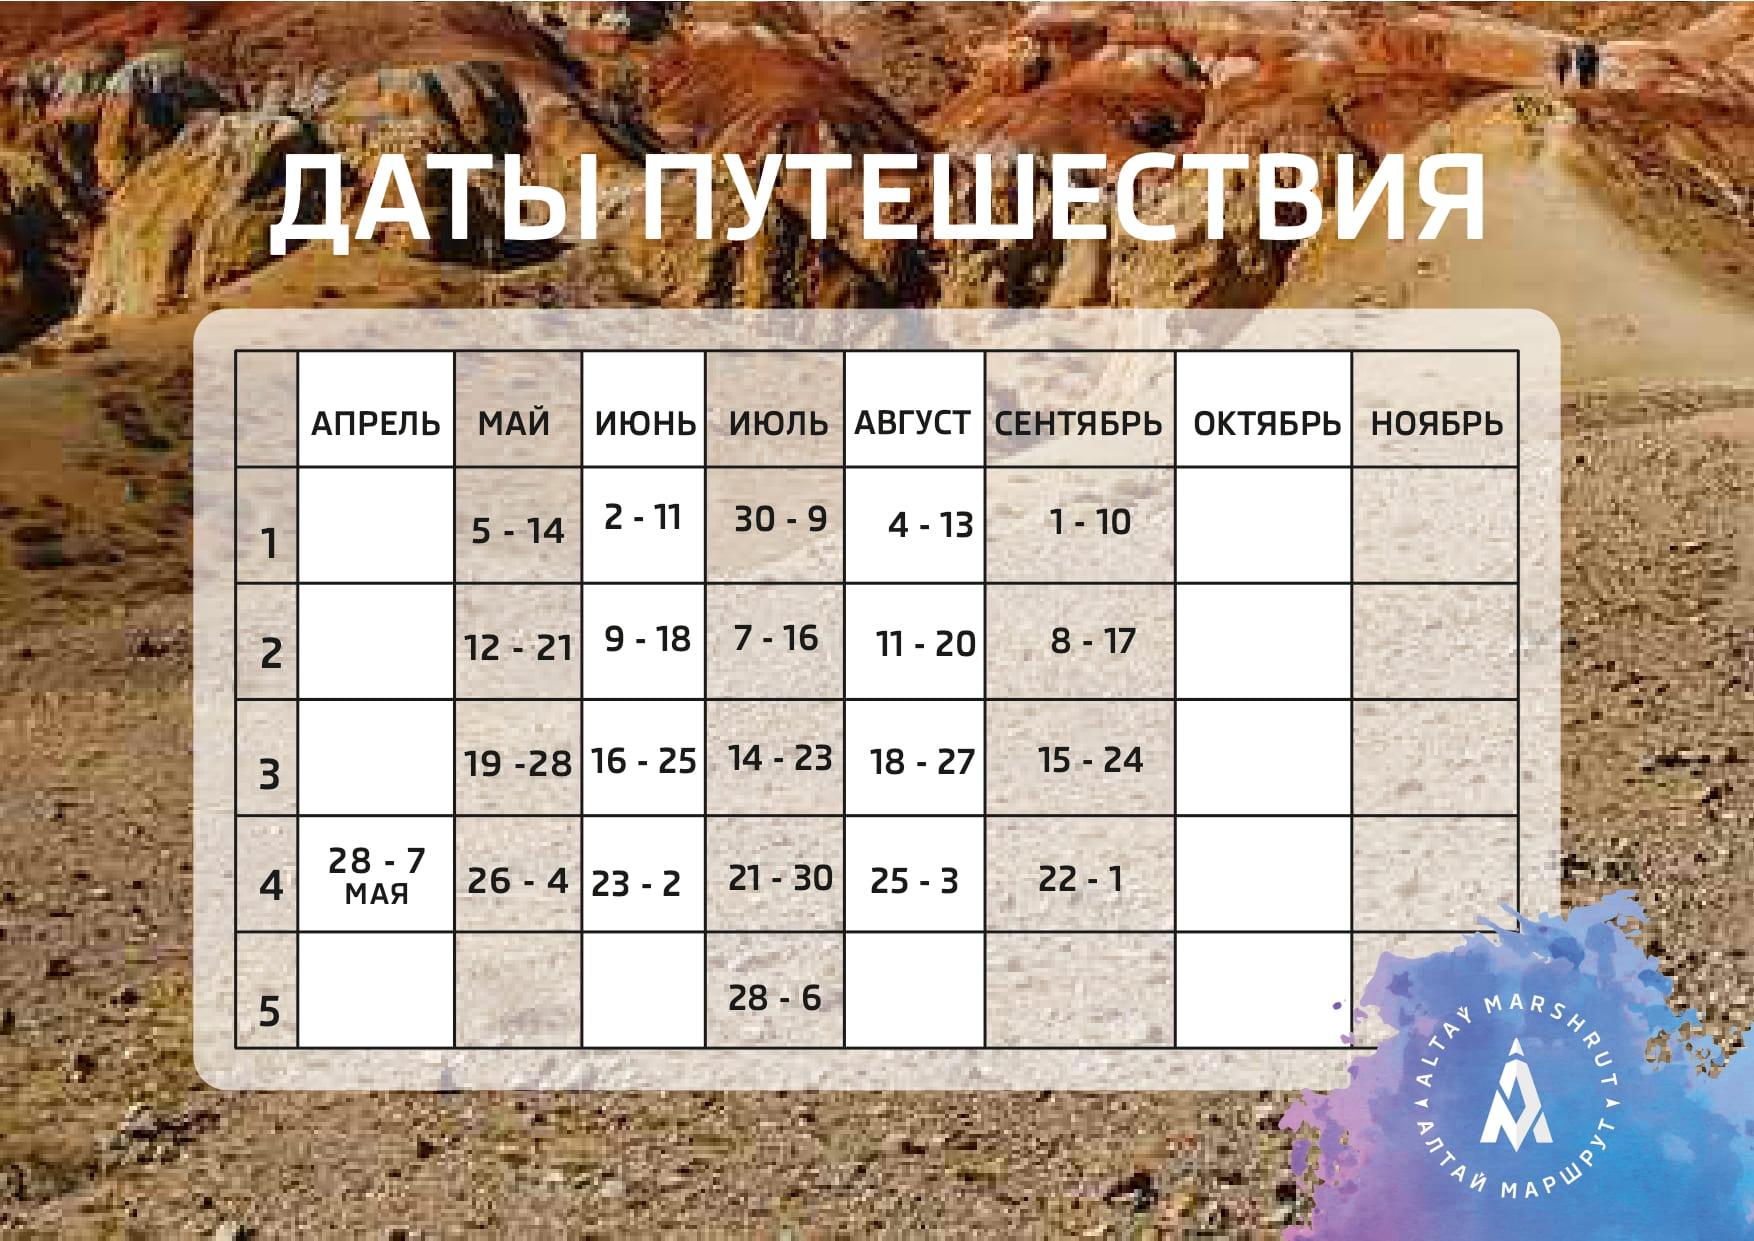 Алтайская кругосветка 10 дн_compressed (6)_page-0003